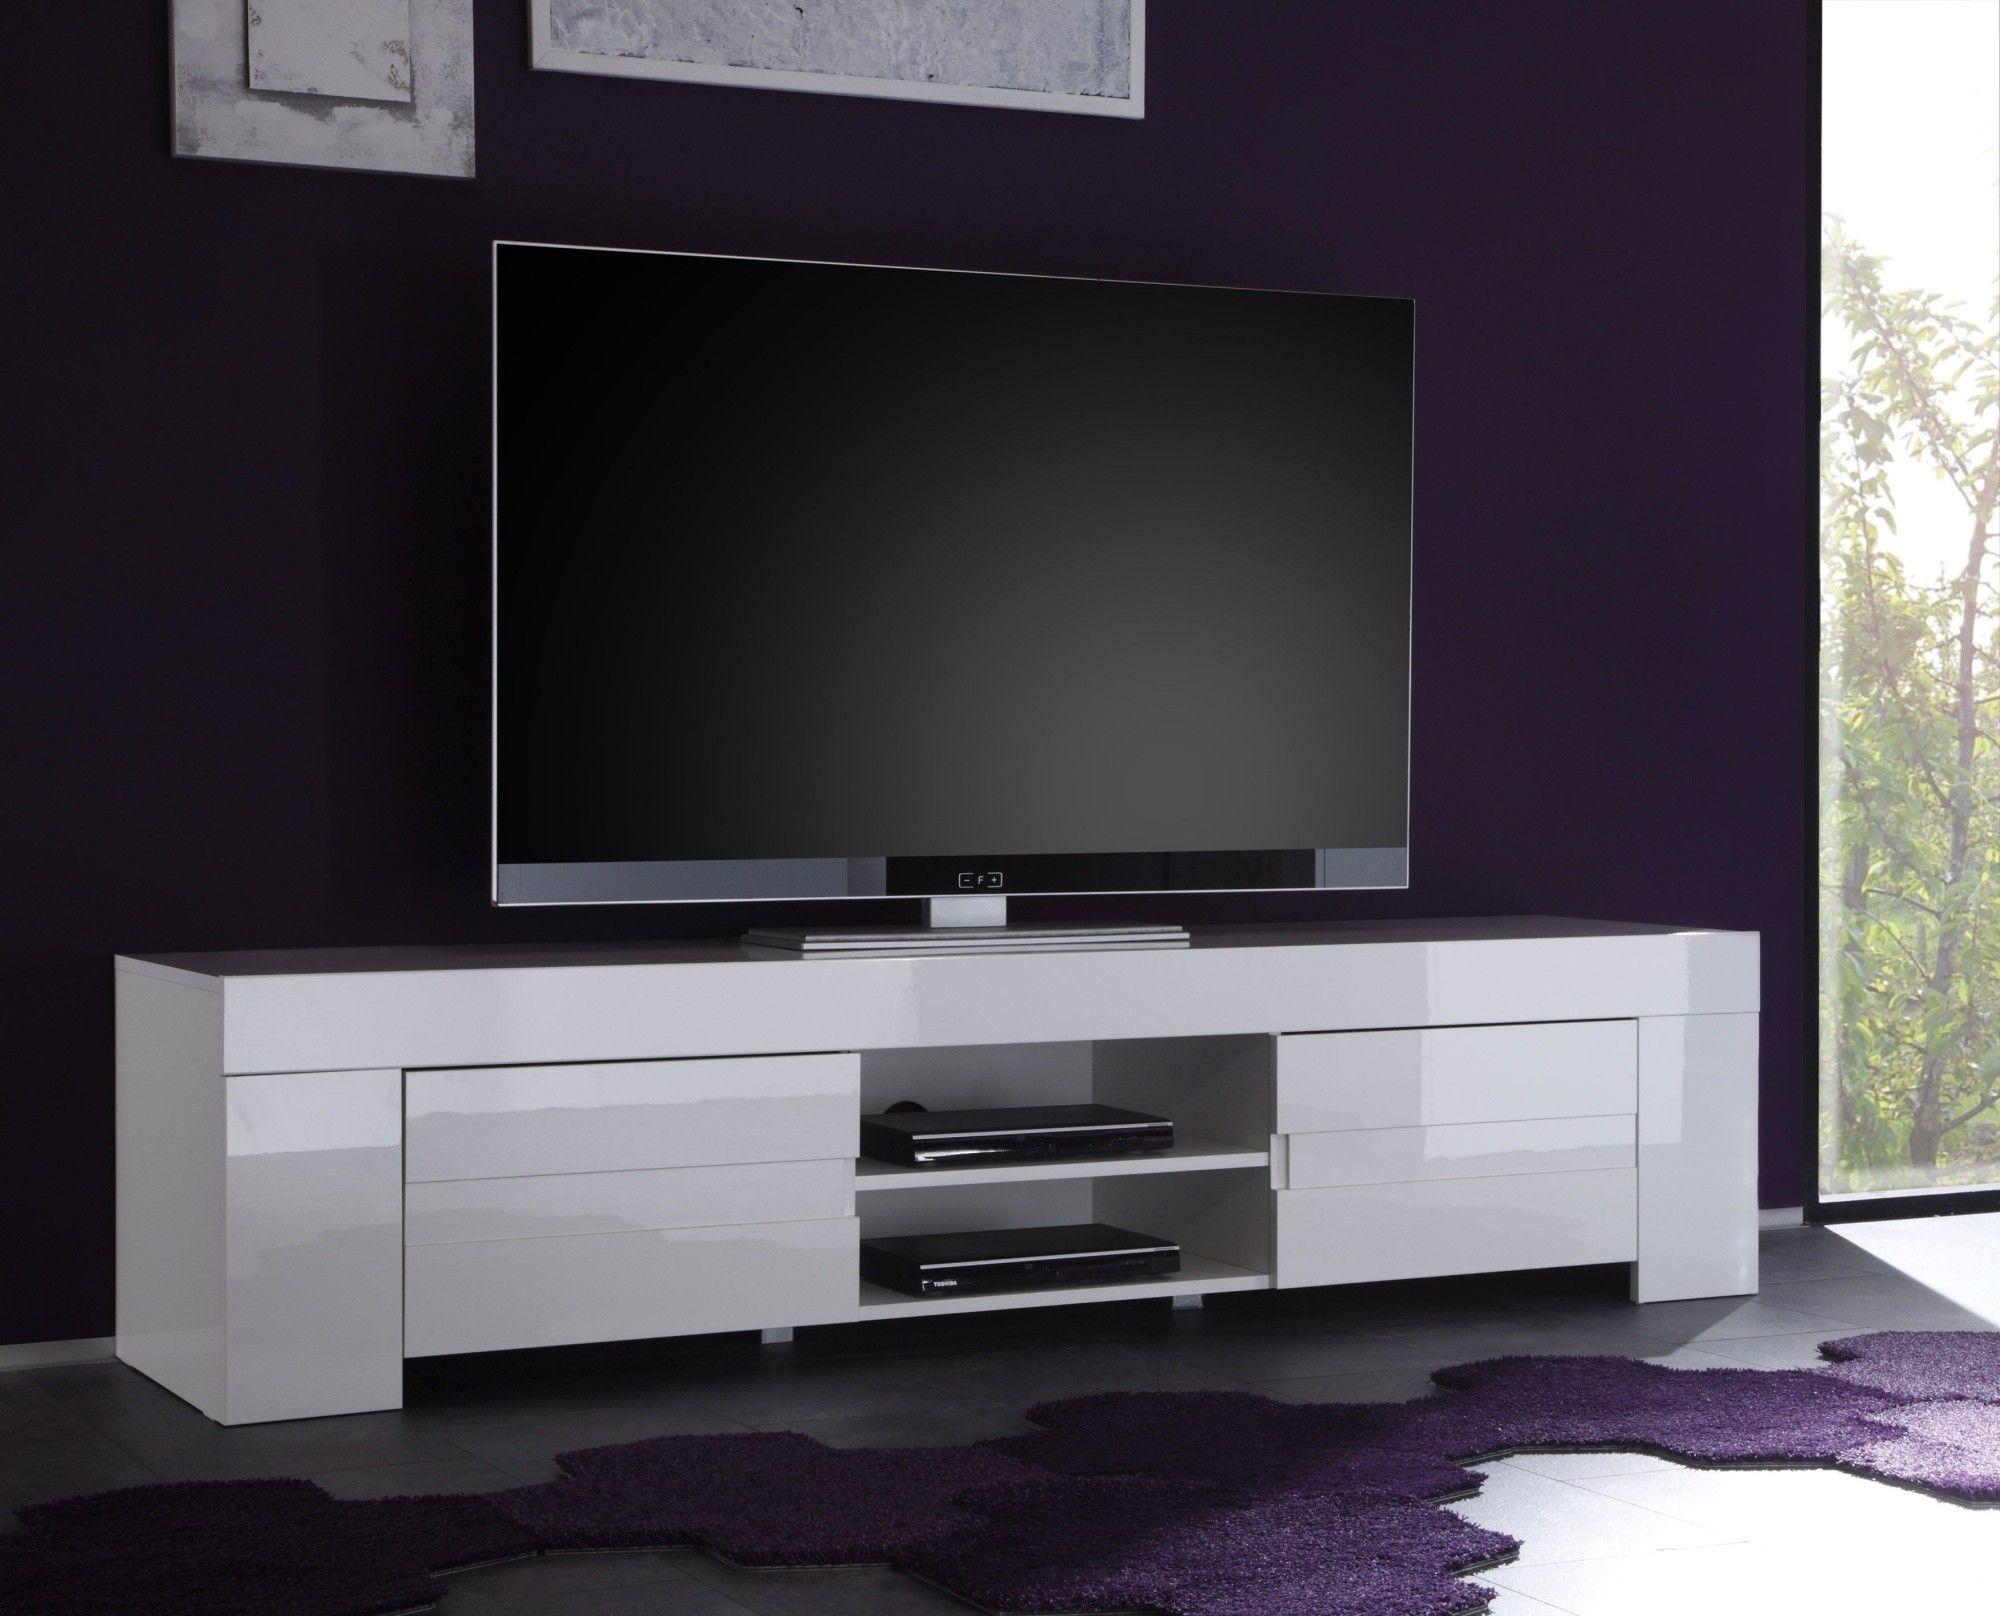 Magnifique Meuble Tv Design Pas Cher Blanc Décoration Française - Meuble tv blanc laque pas cher pour idees de deco de cuisine